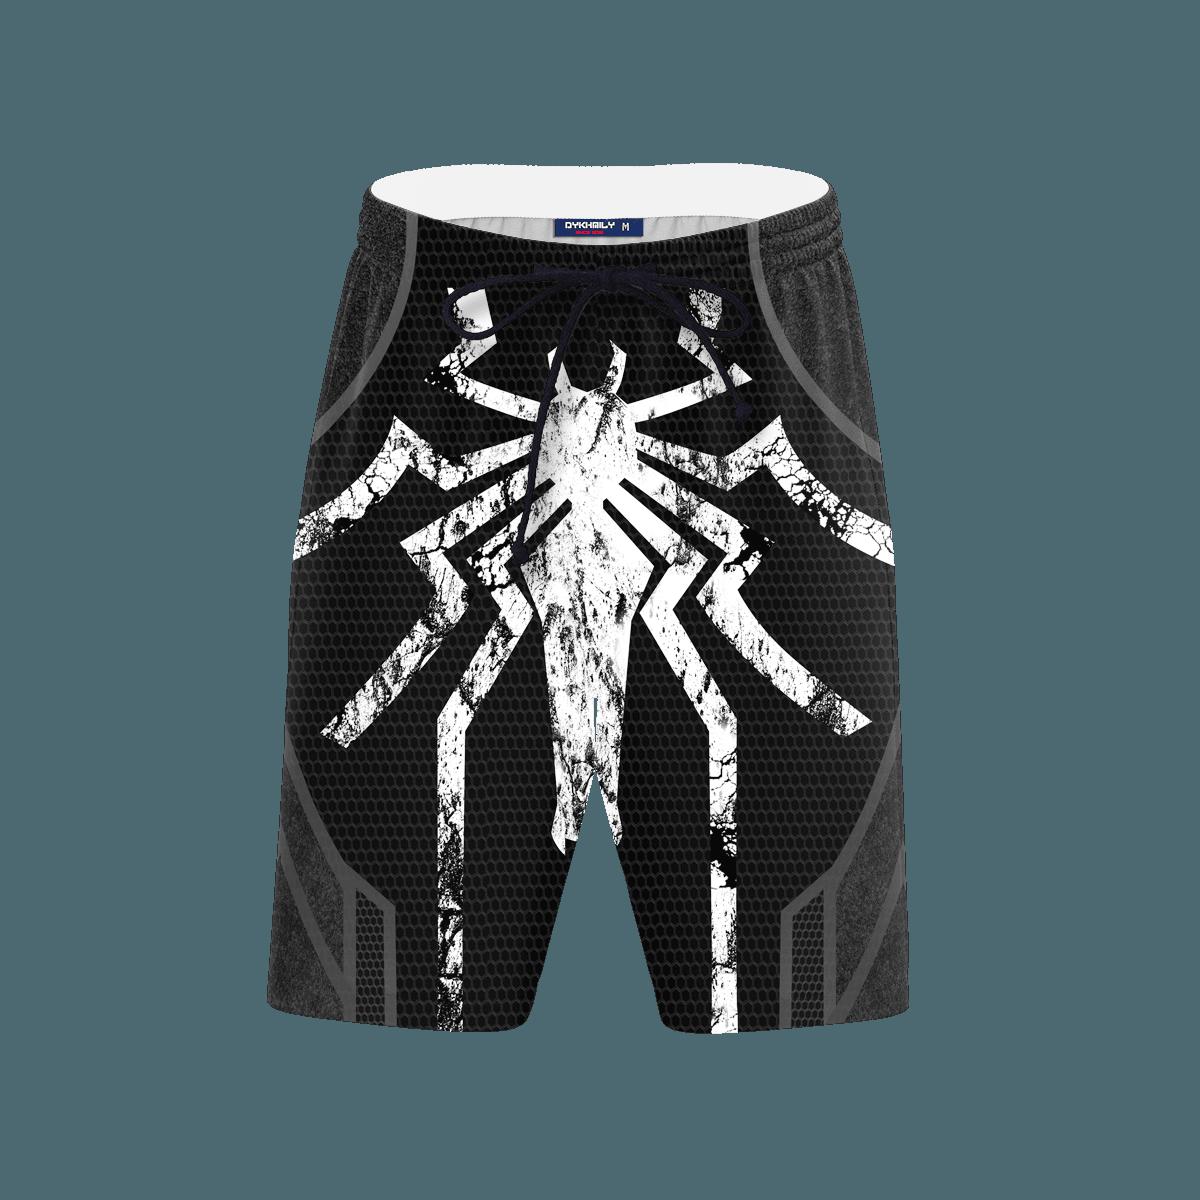 Venomous Beach Shorts FDM3107 S Official Anime Swimsuit Merch